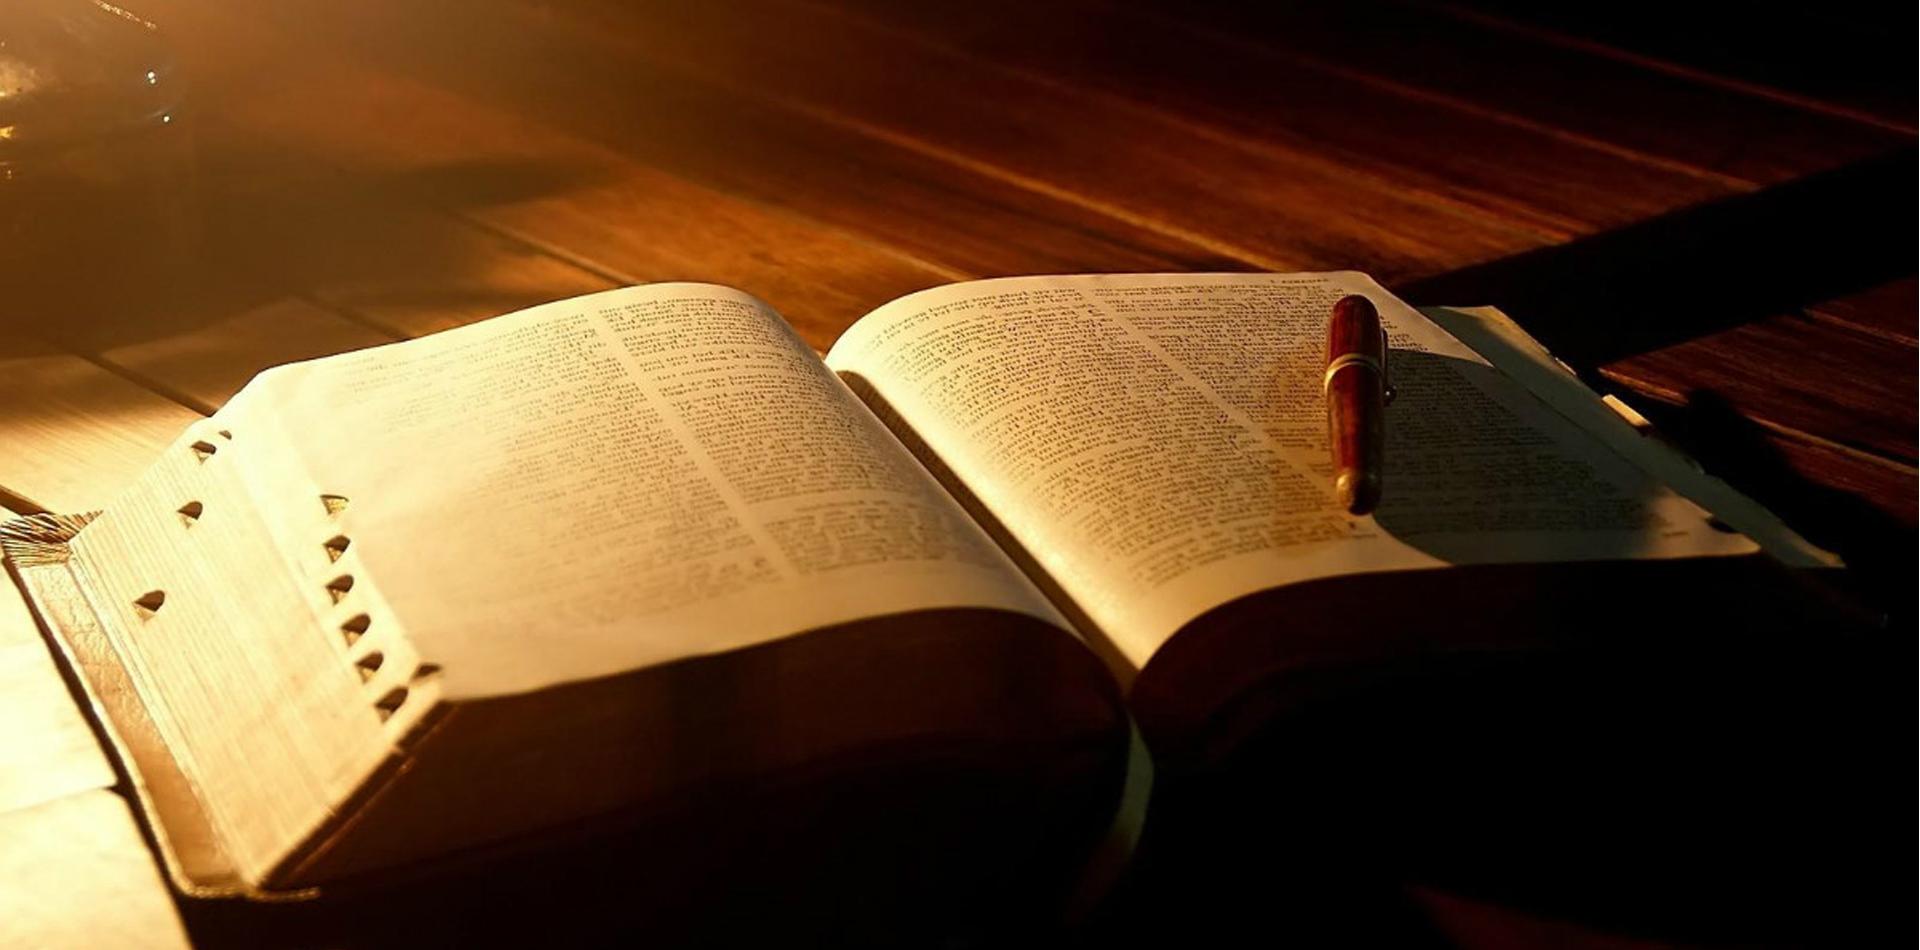 Bíblia Sagrada: uma farsa ou uma revelação de Deus? Parte III